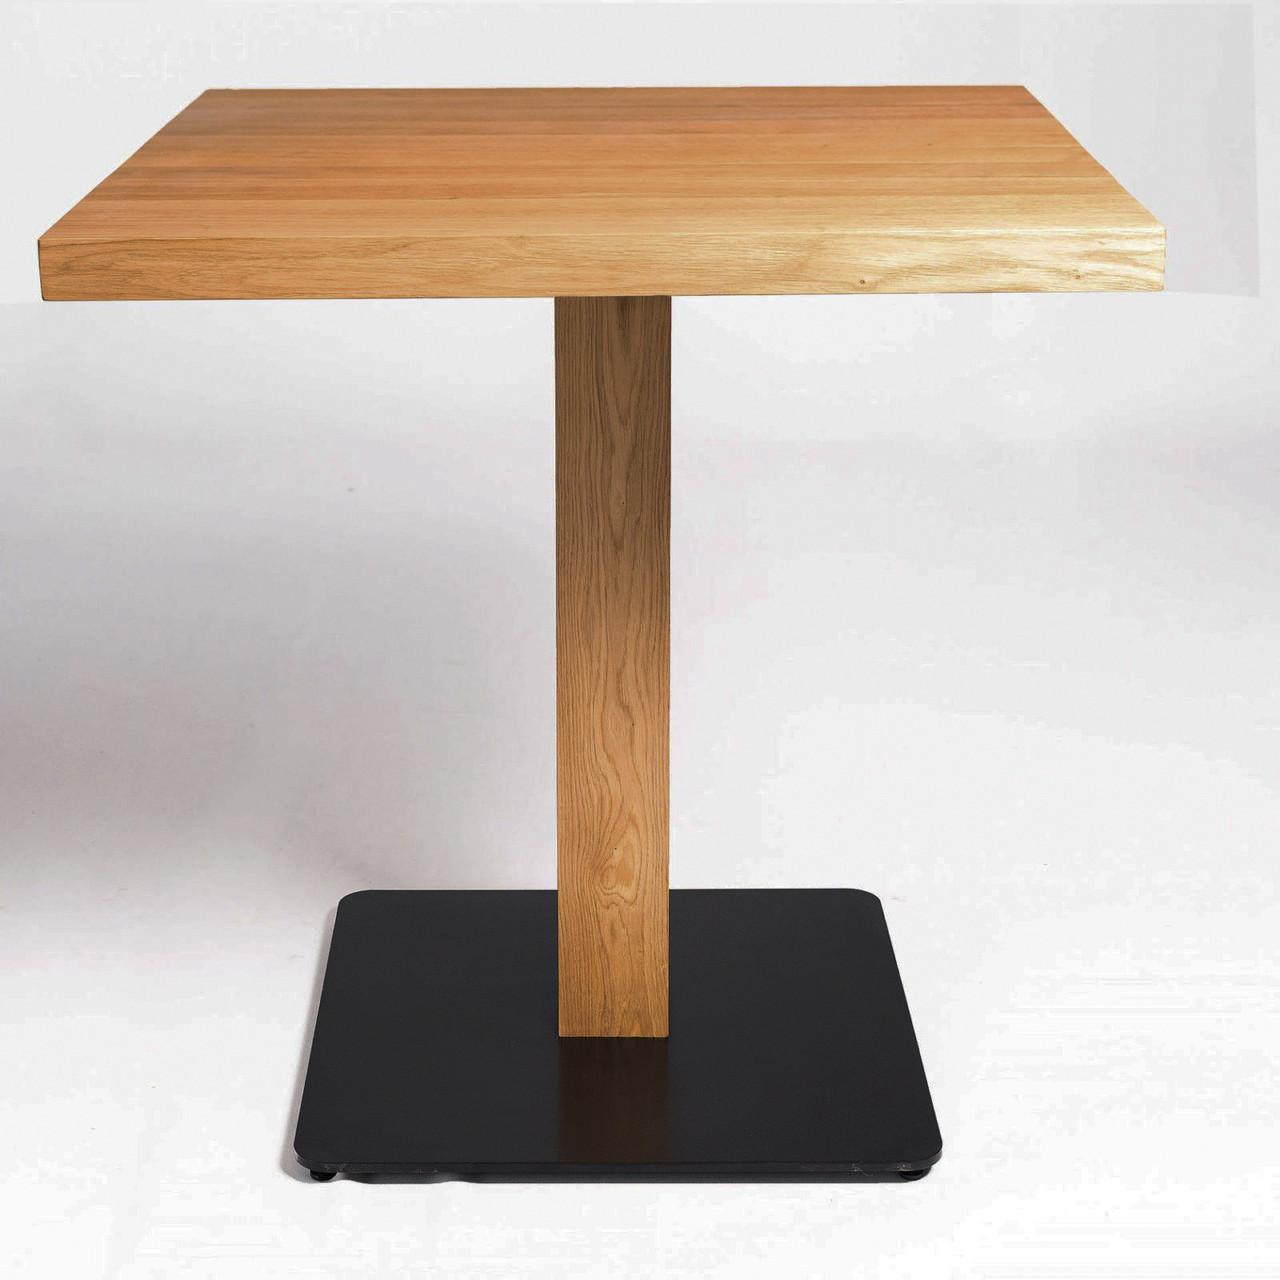 Мебель для кафе: деревянный столик для ресторана кафе, фото 1